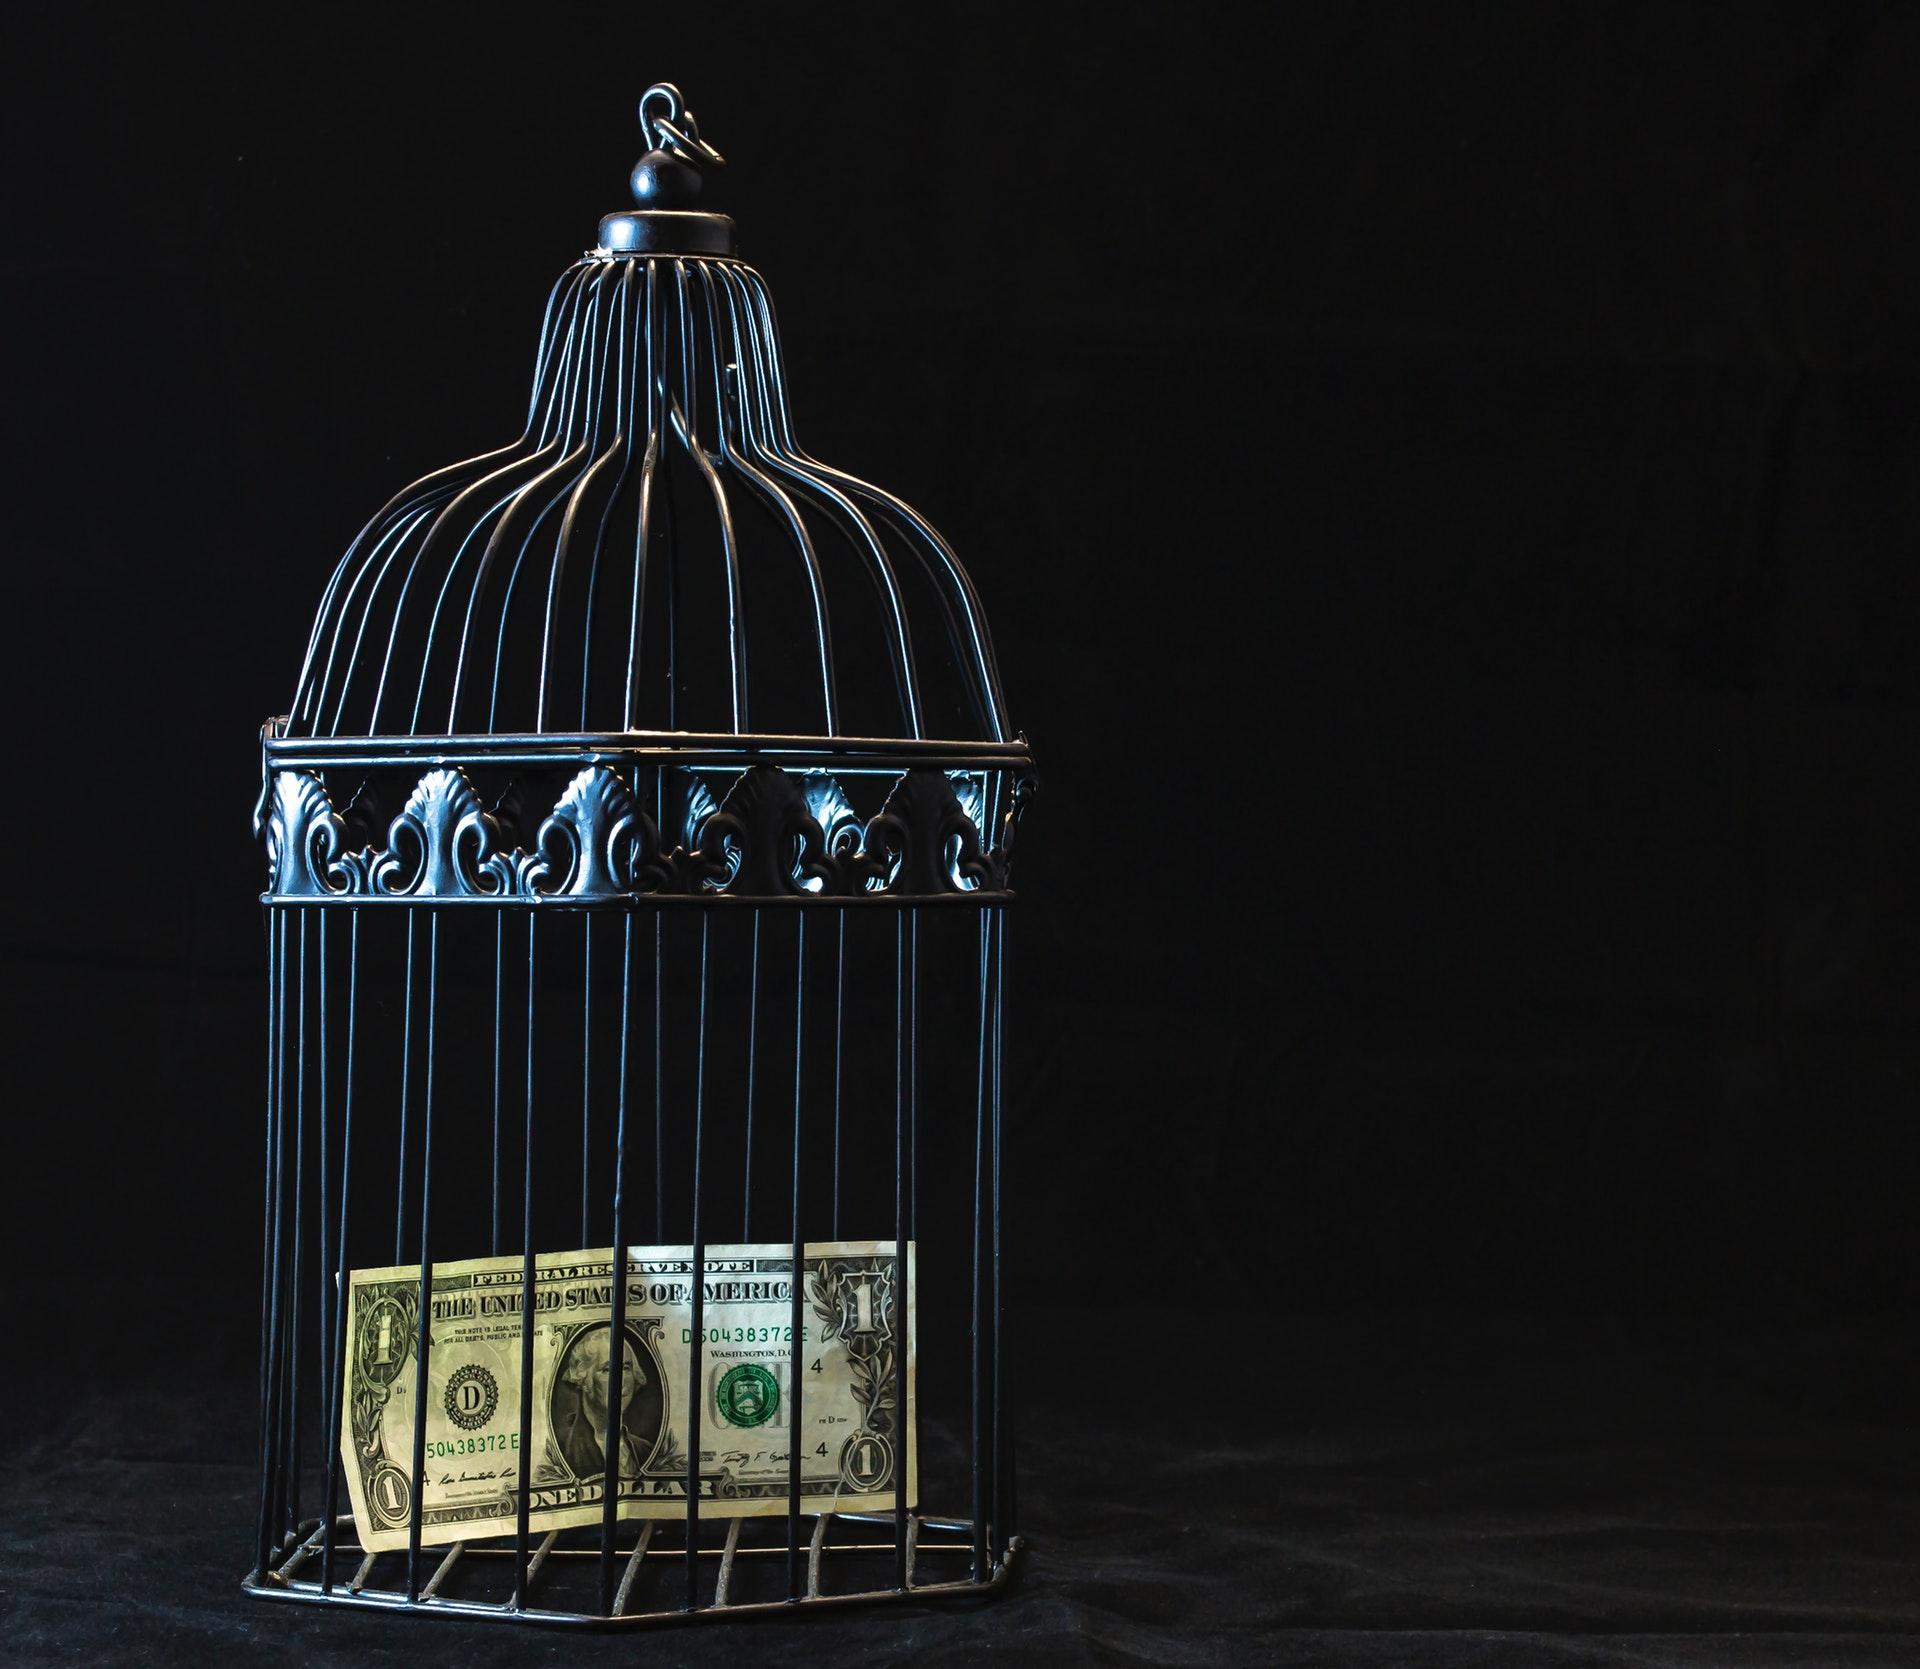 Pożyczki pozabankowe bez sprawdzania baz dłużników – dla zadłużonych